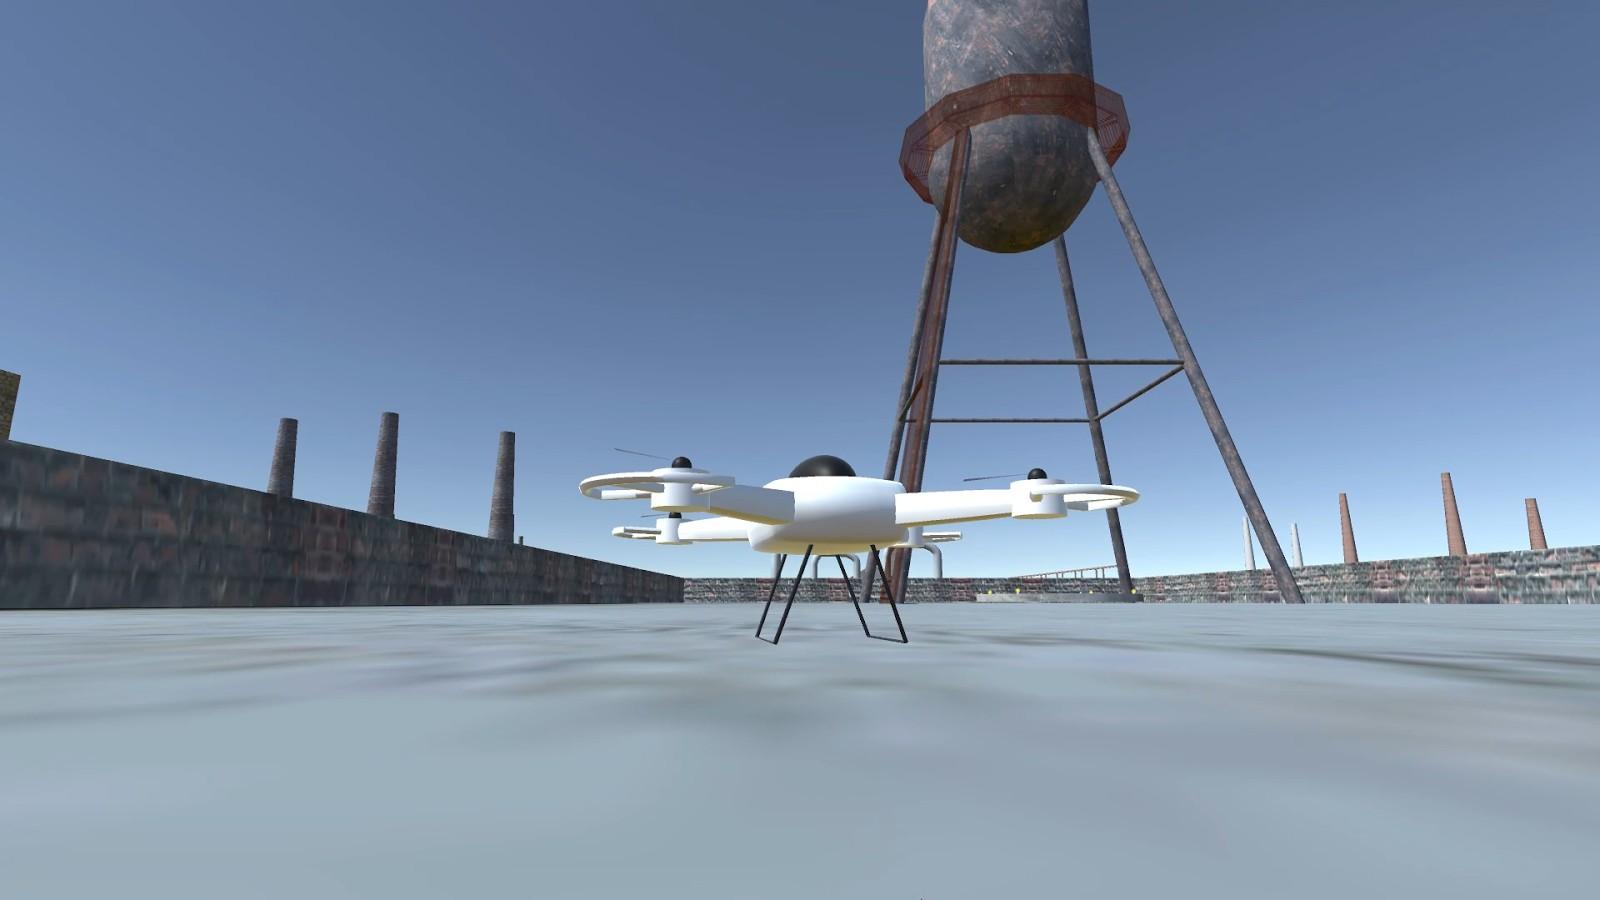 Drone Lander